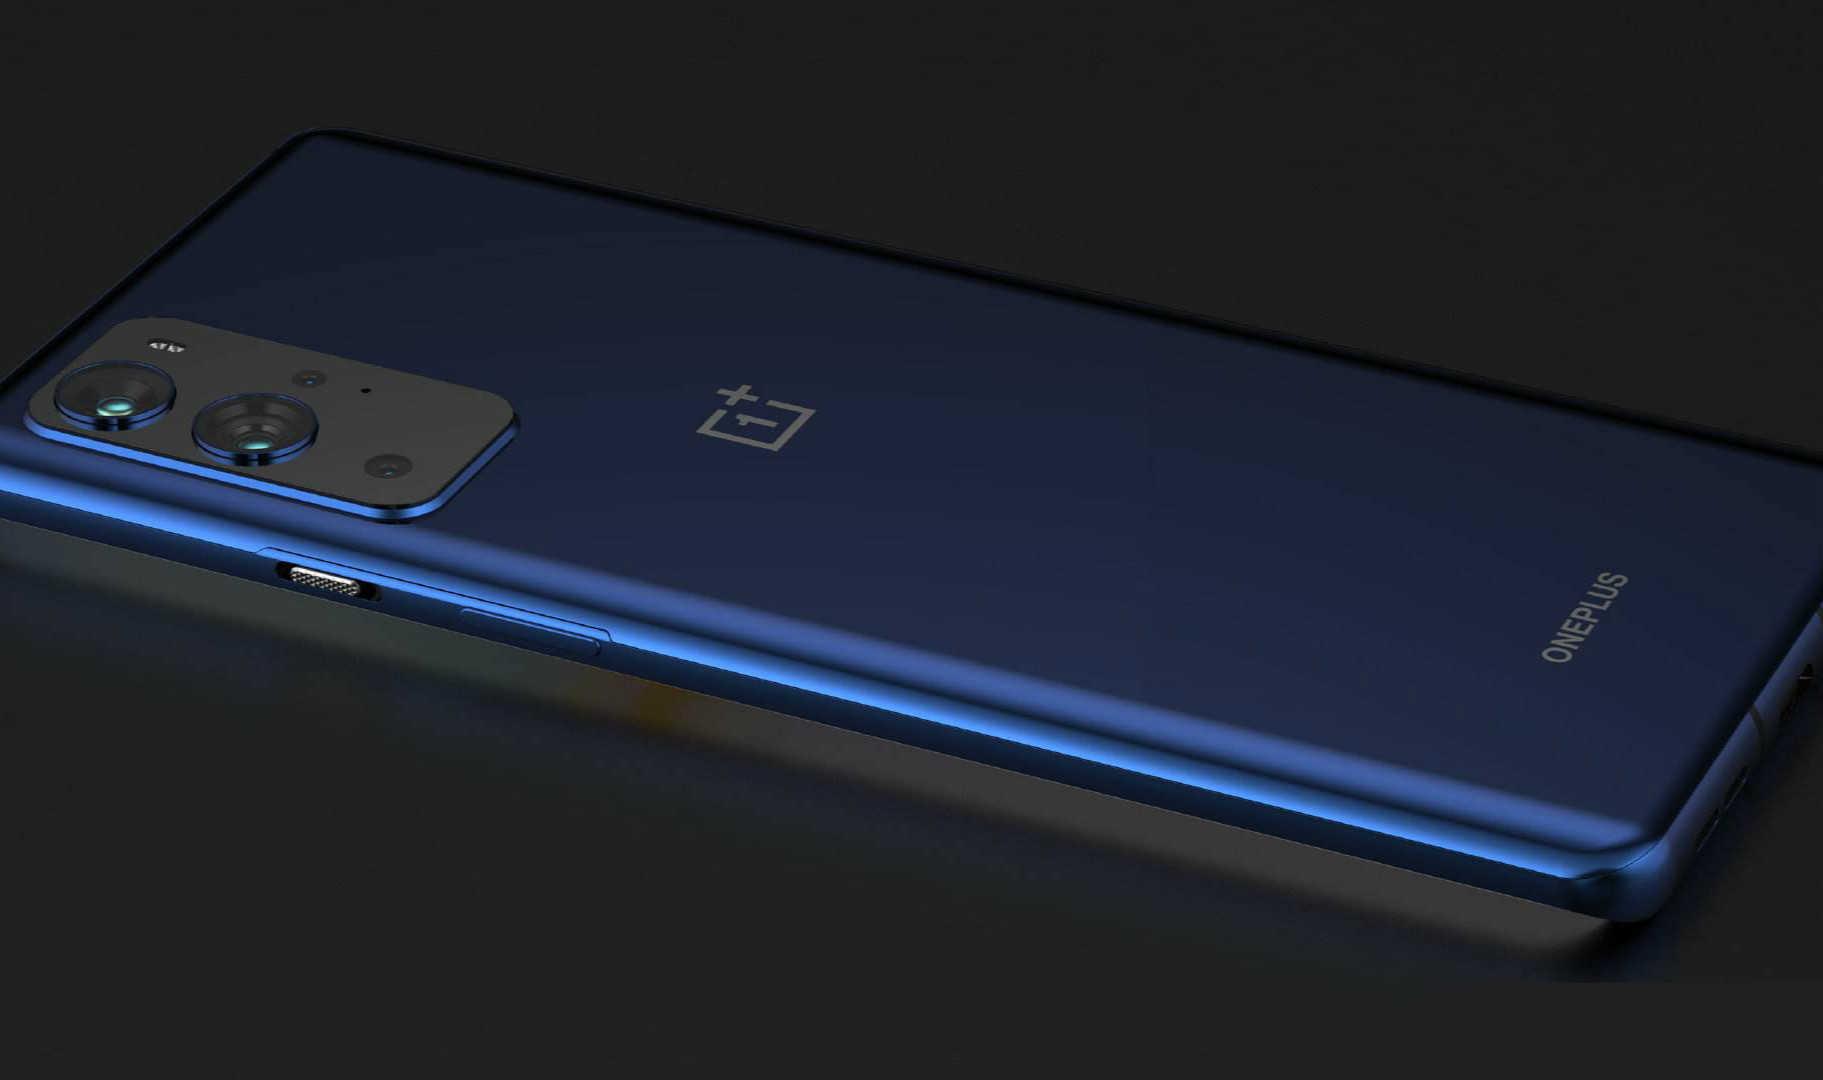 一加9是直屏幕吗_一加9手机是直屏还是曲屏